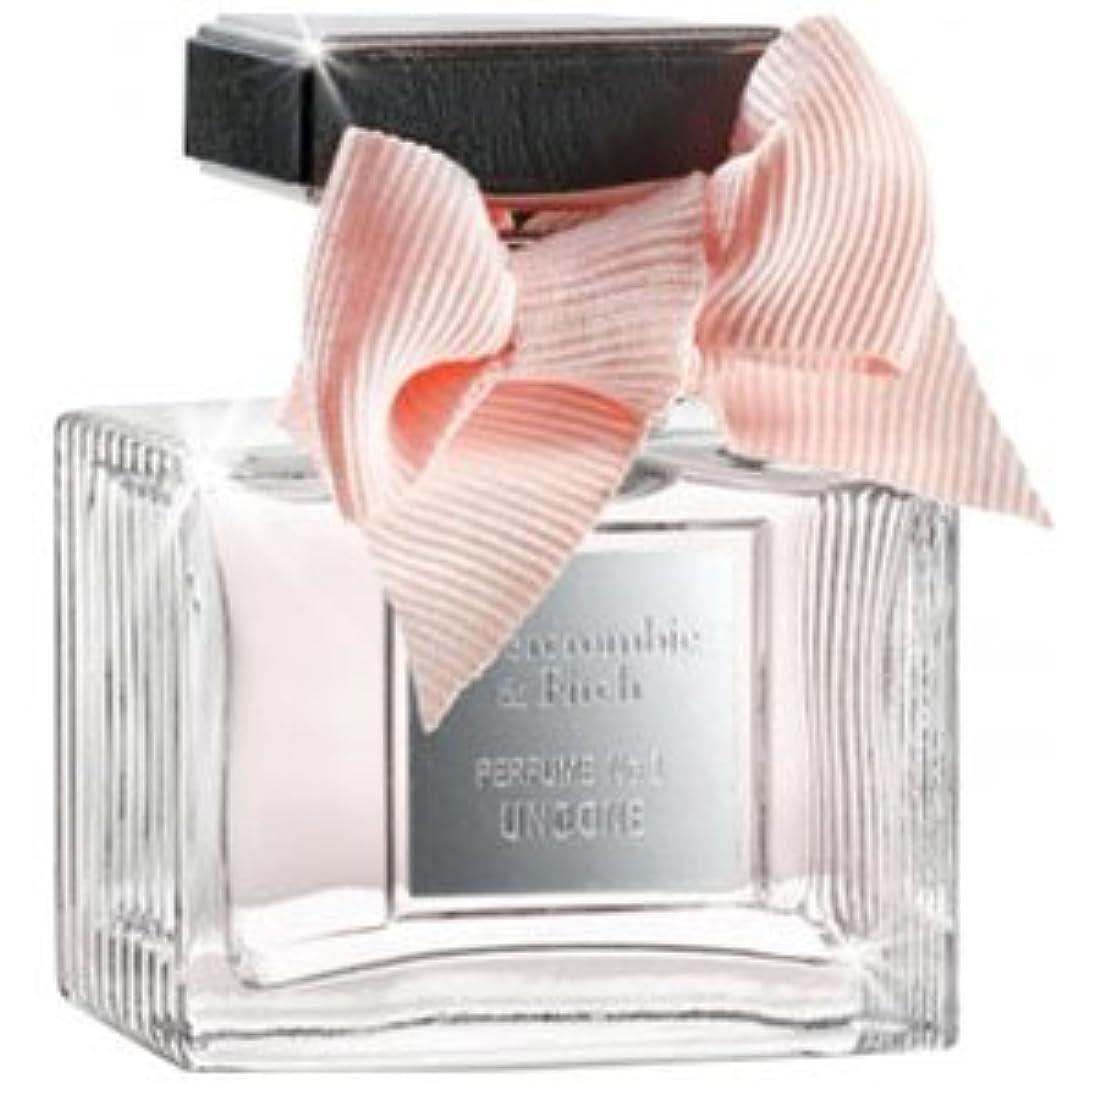 下手暗殺仕えるAbercrombie Perfume No.1 Undone (アバクロンベ フィッチ No.1 アンダン) 1.7 oz (50ml) EDTSpray for Women